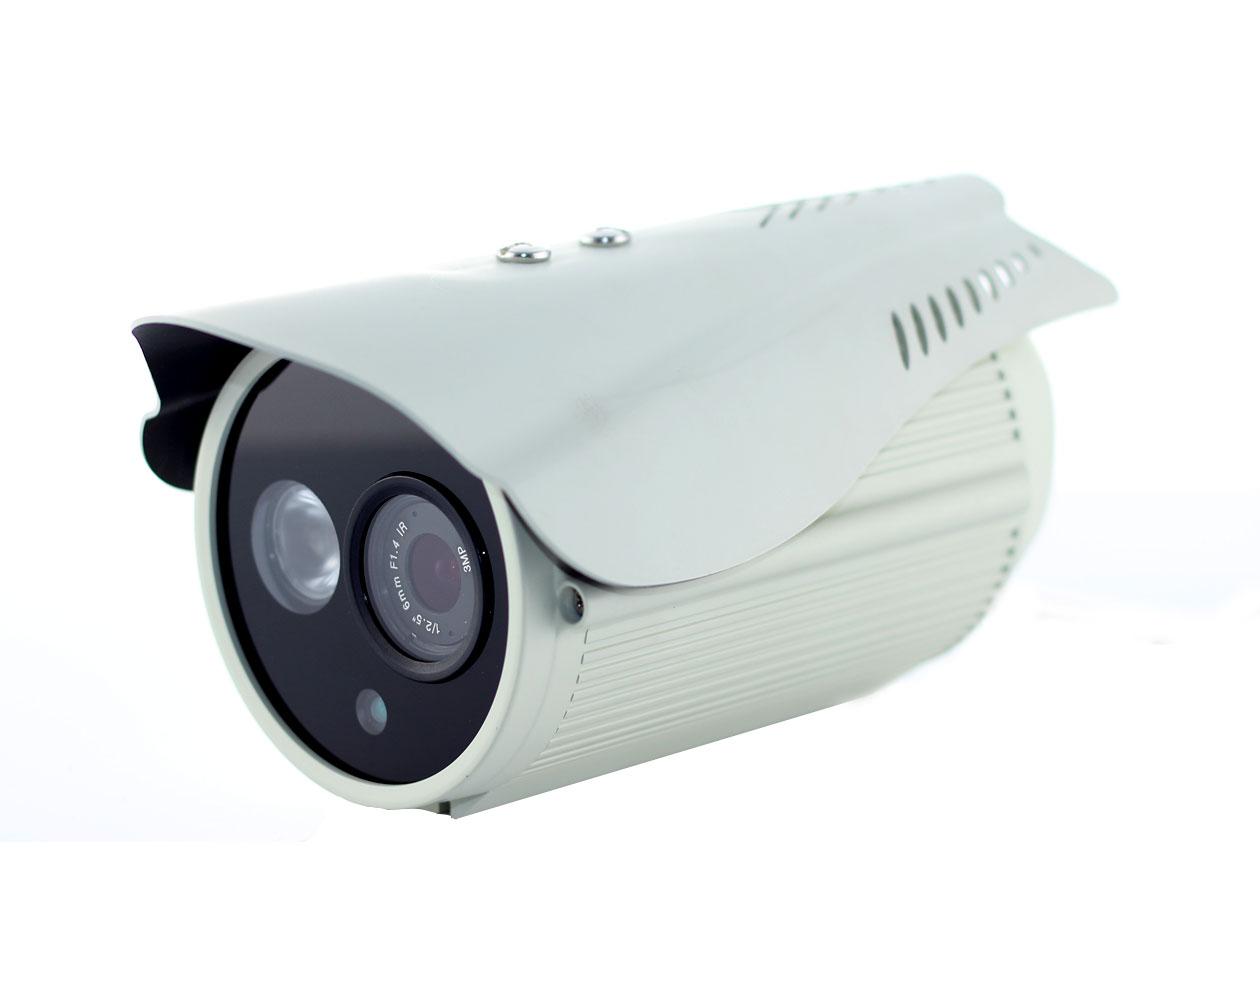 Camera HTC-720-A